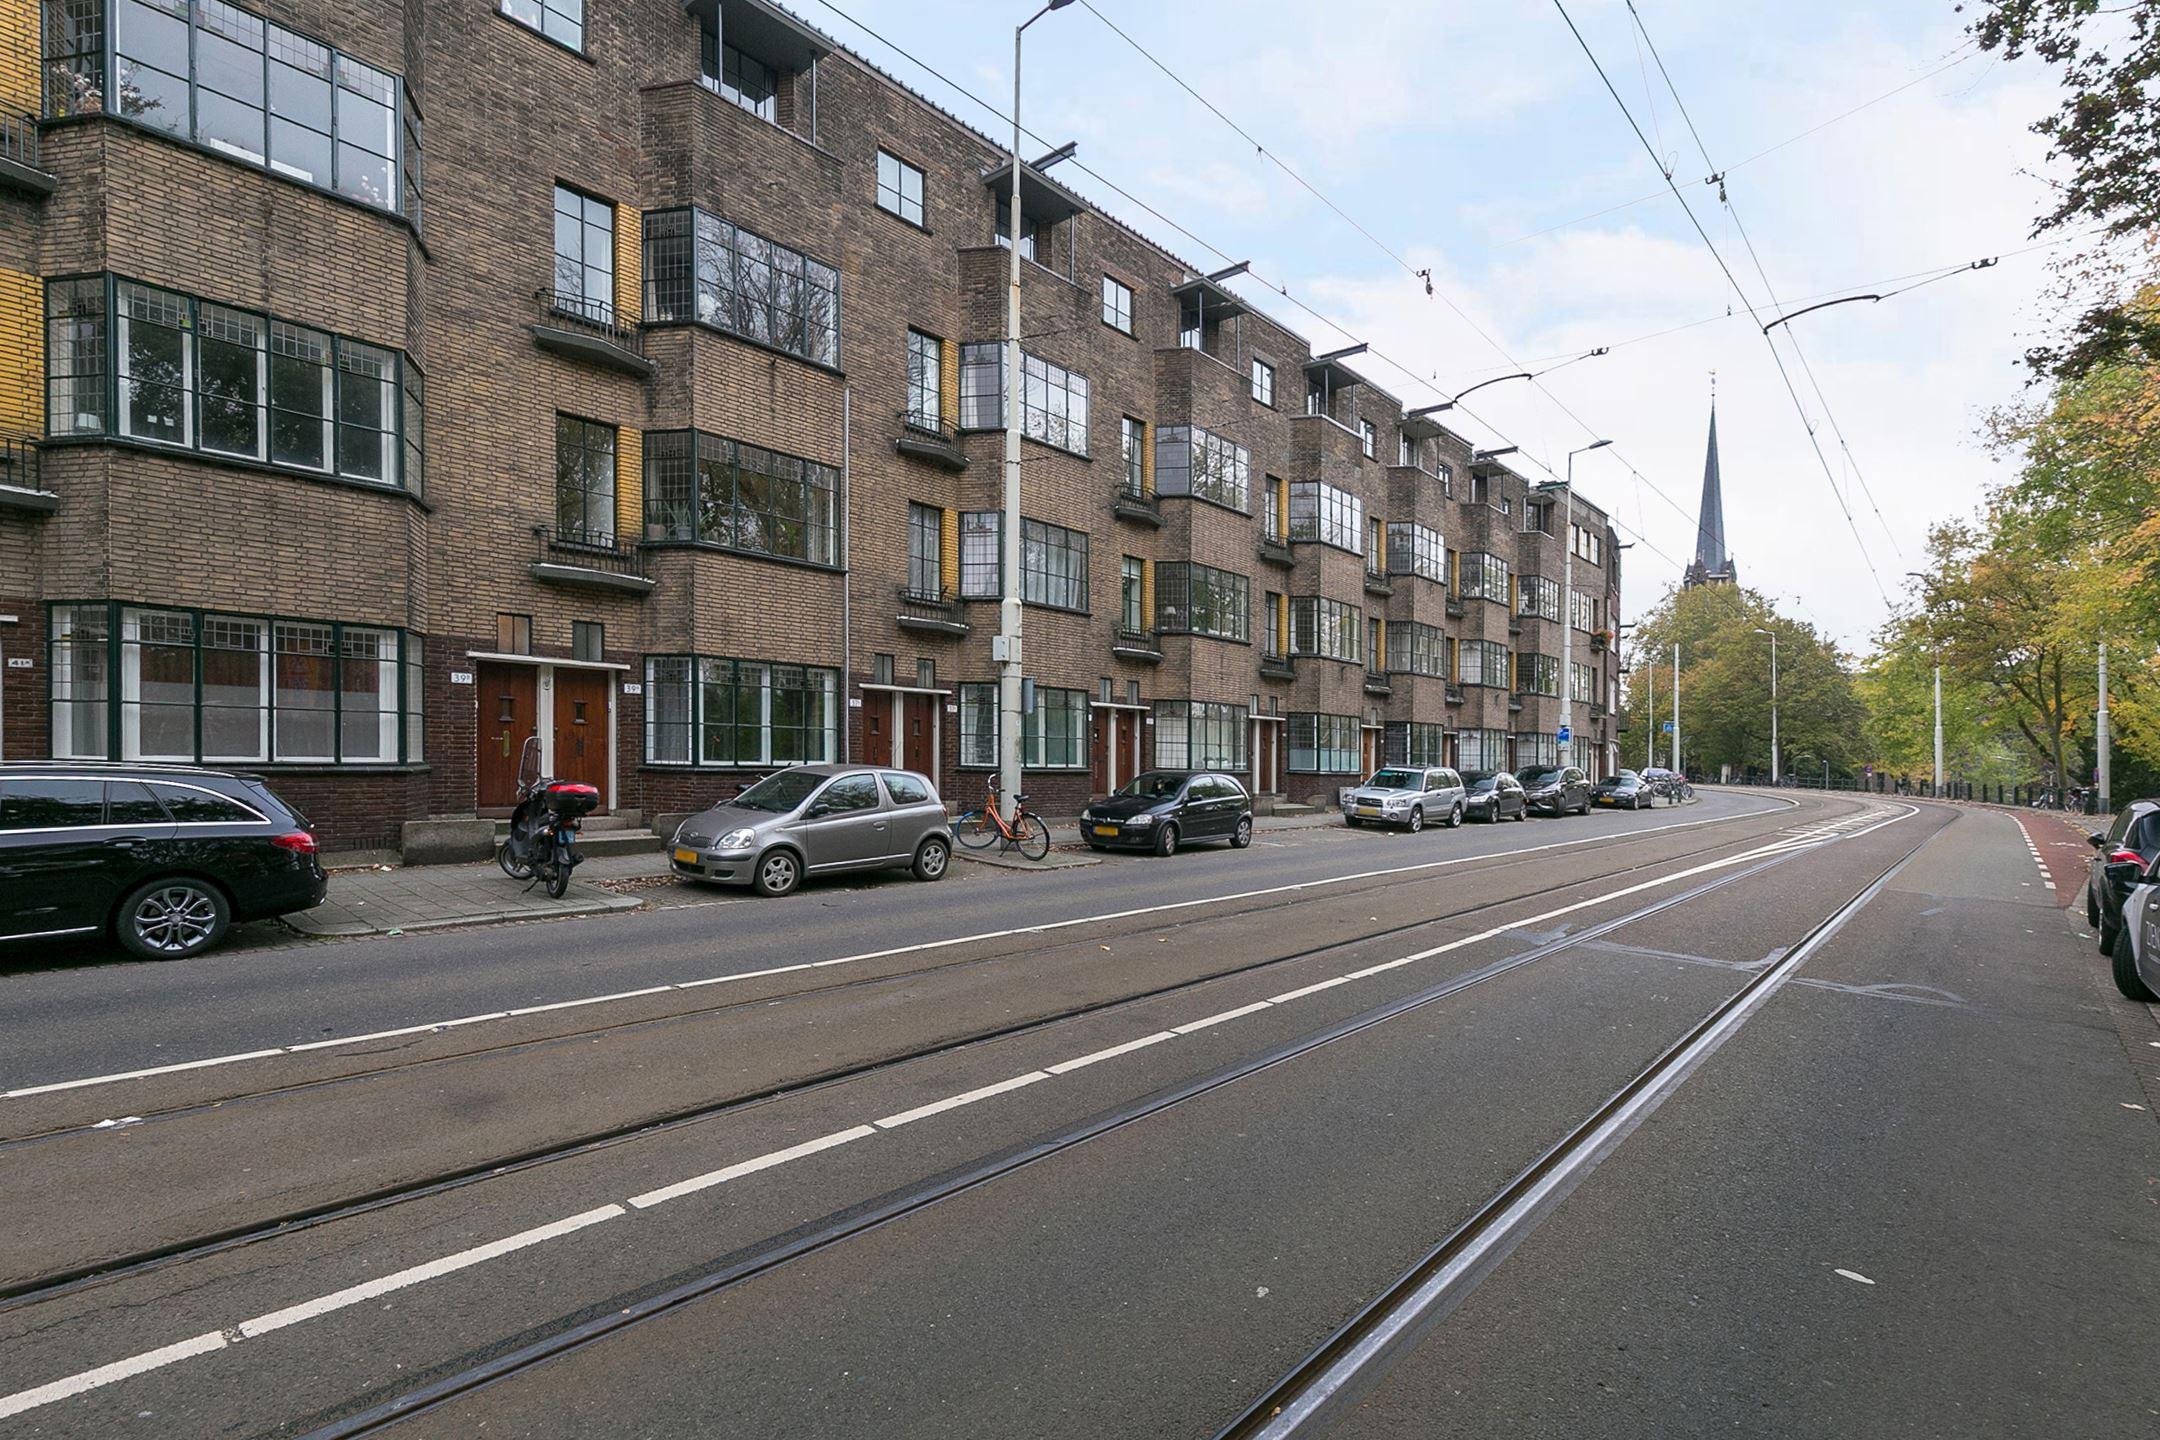 Verkocht honingerdijk 39 b01 3063 aj rotterdam funda for Honingerdijk rotterdam